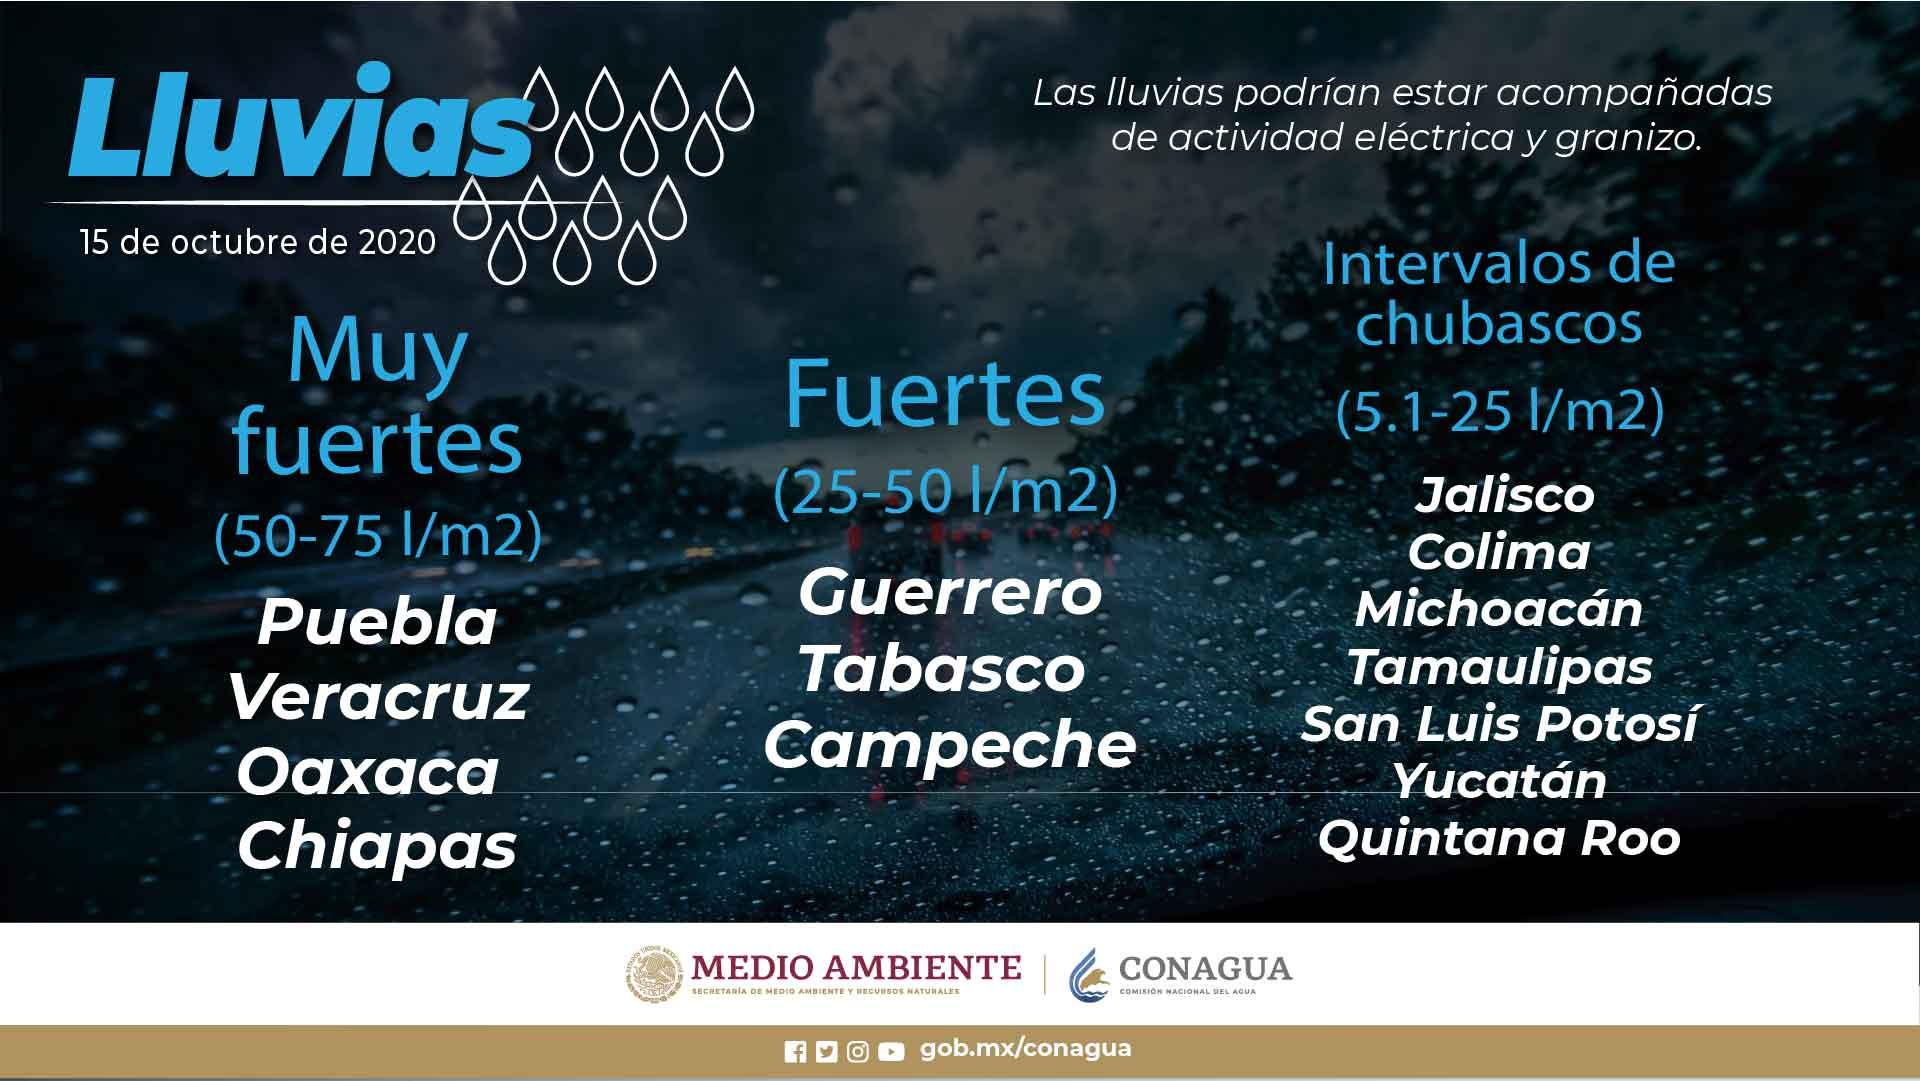 Hoy se pronostican lluvias muy fuertes para Chiapas, Oaxaca, Puebla y Veracruz